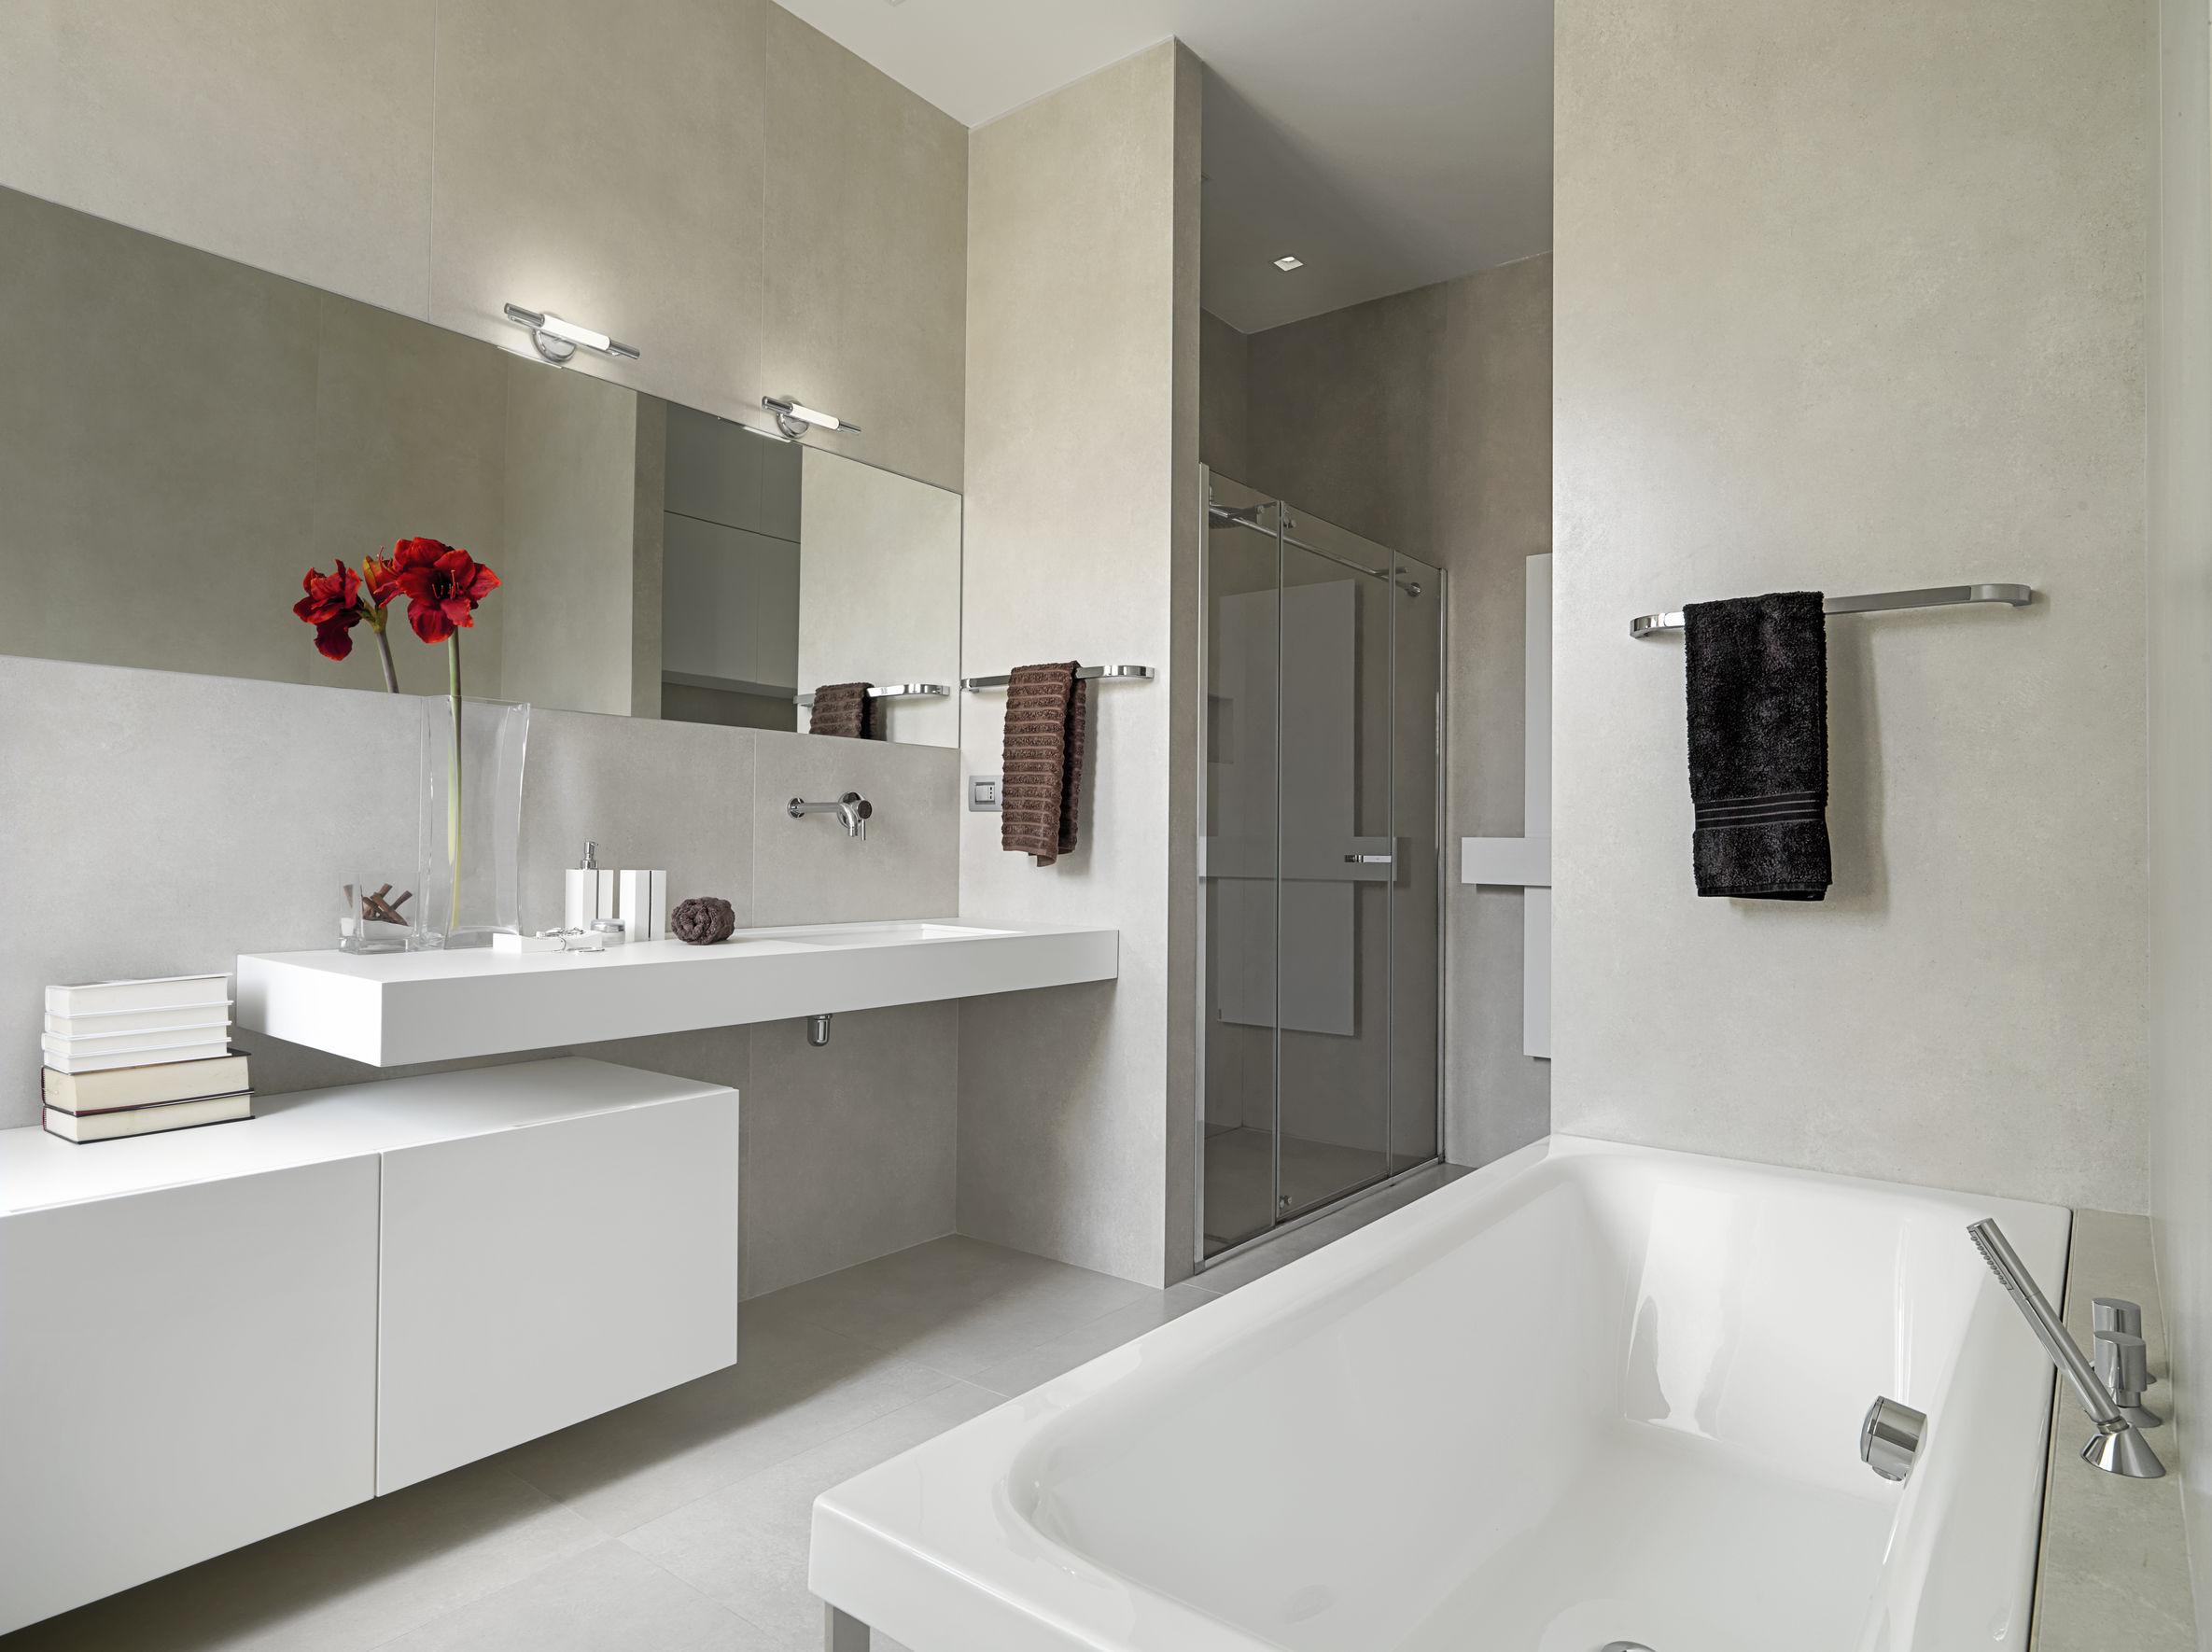 Дизайн ванной комнаты: фото интерьеров